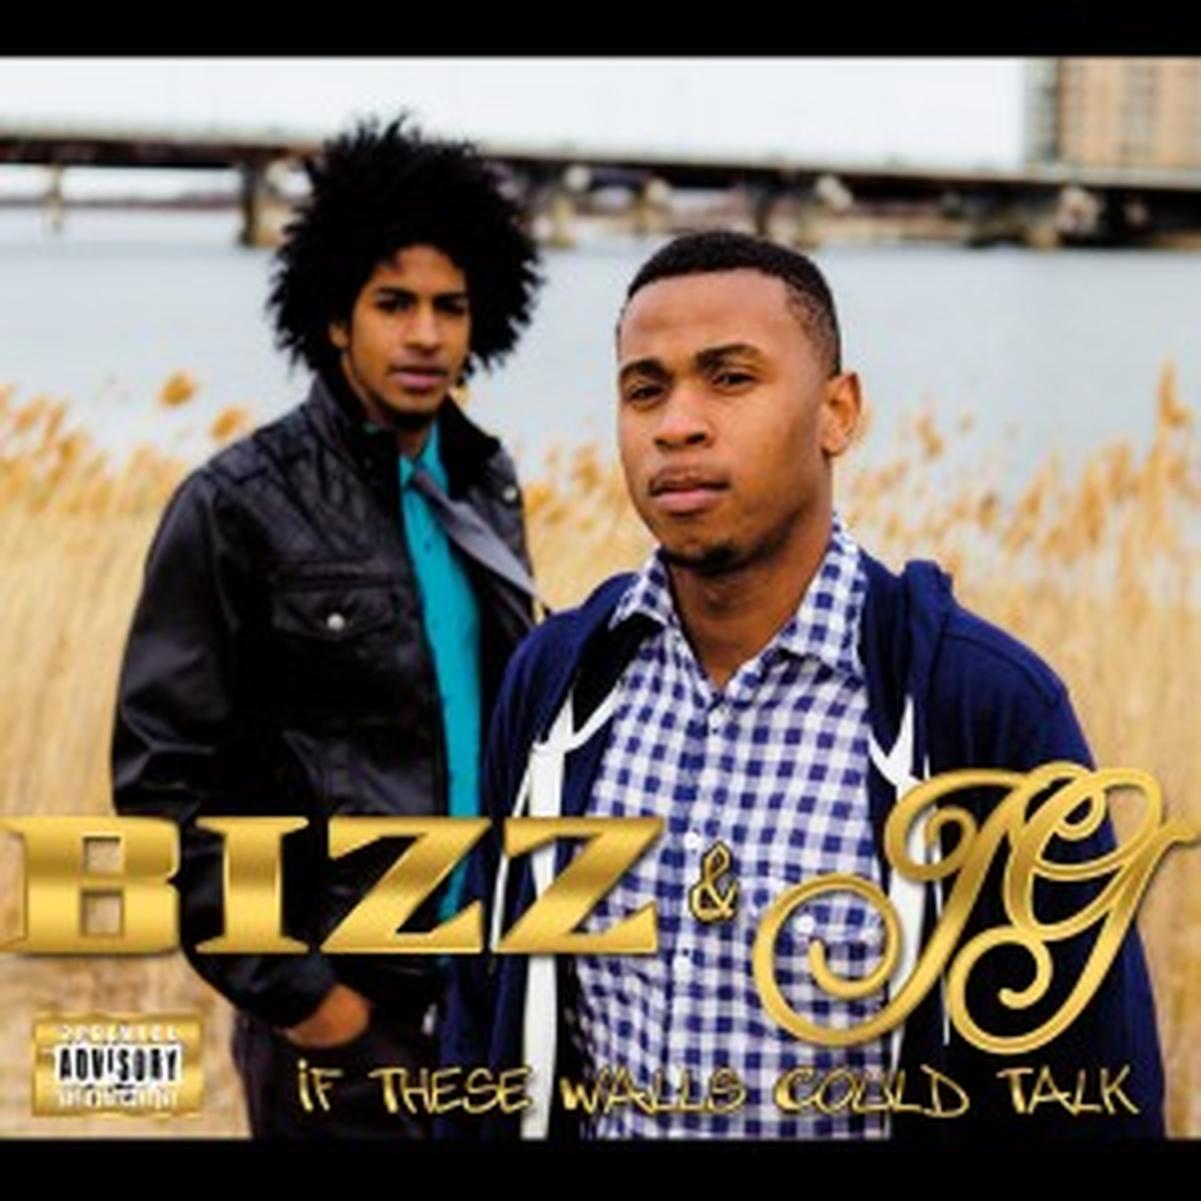 BIZZ & JG